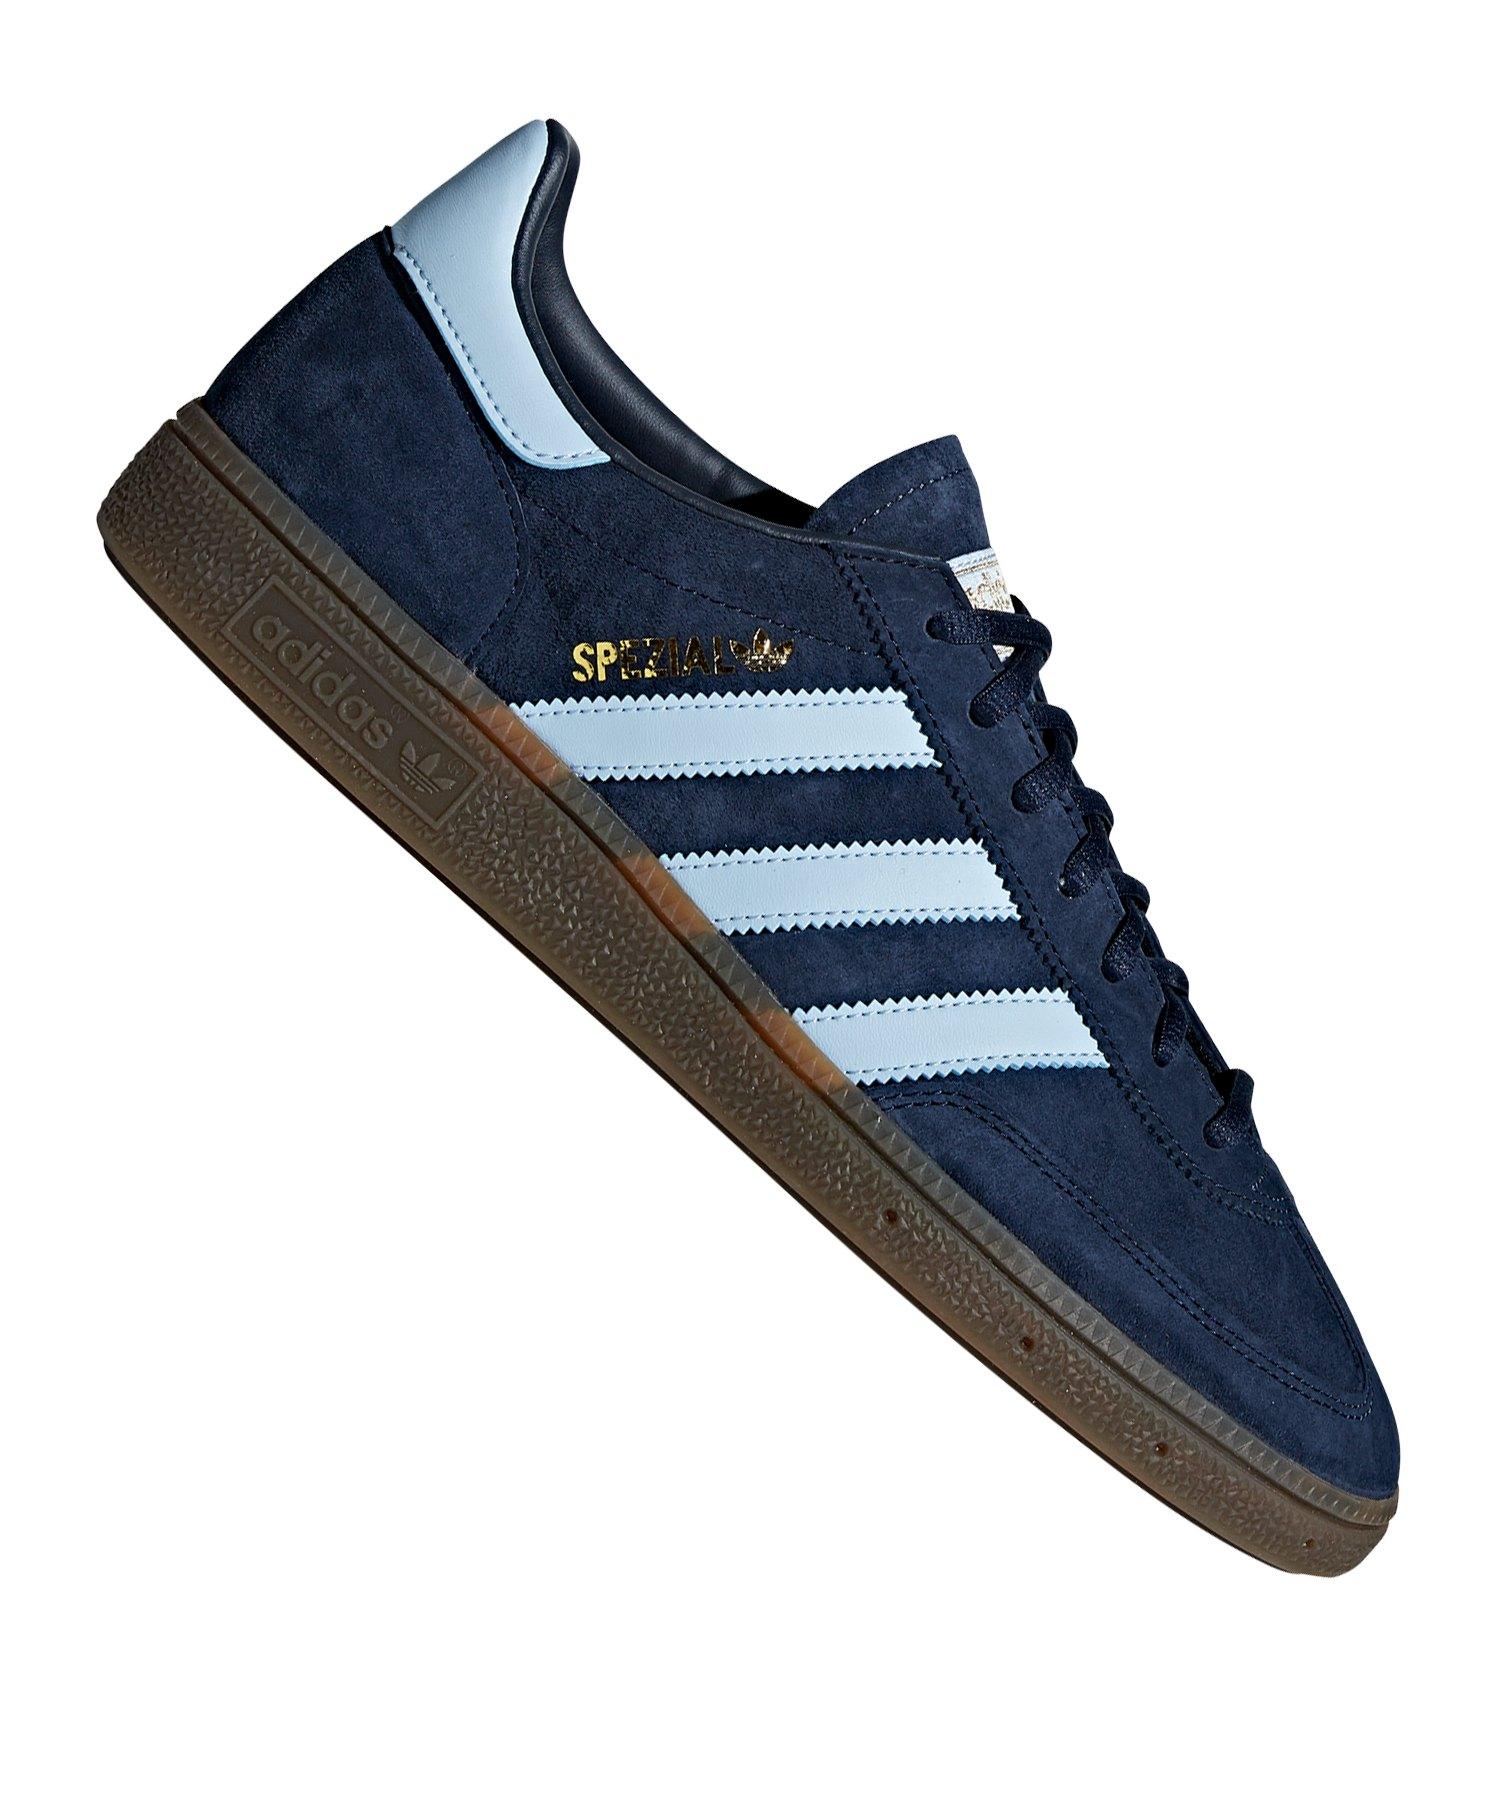 adidas Spezial Herren Handball Sportschuhe Sneaker Blau